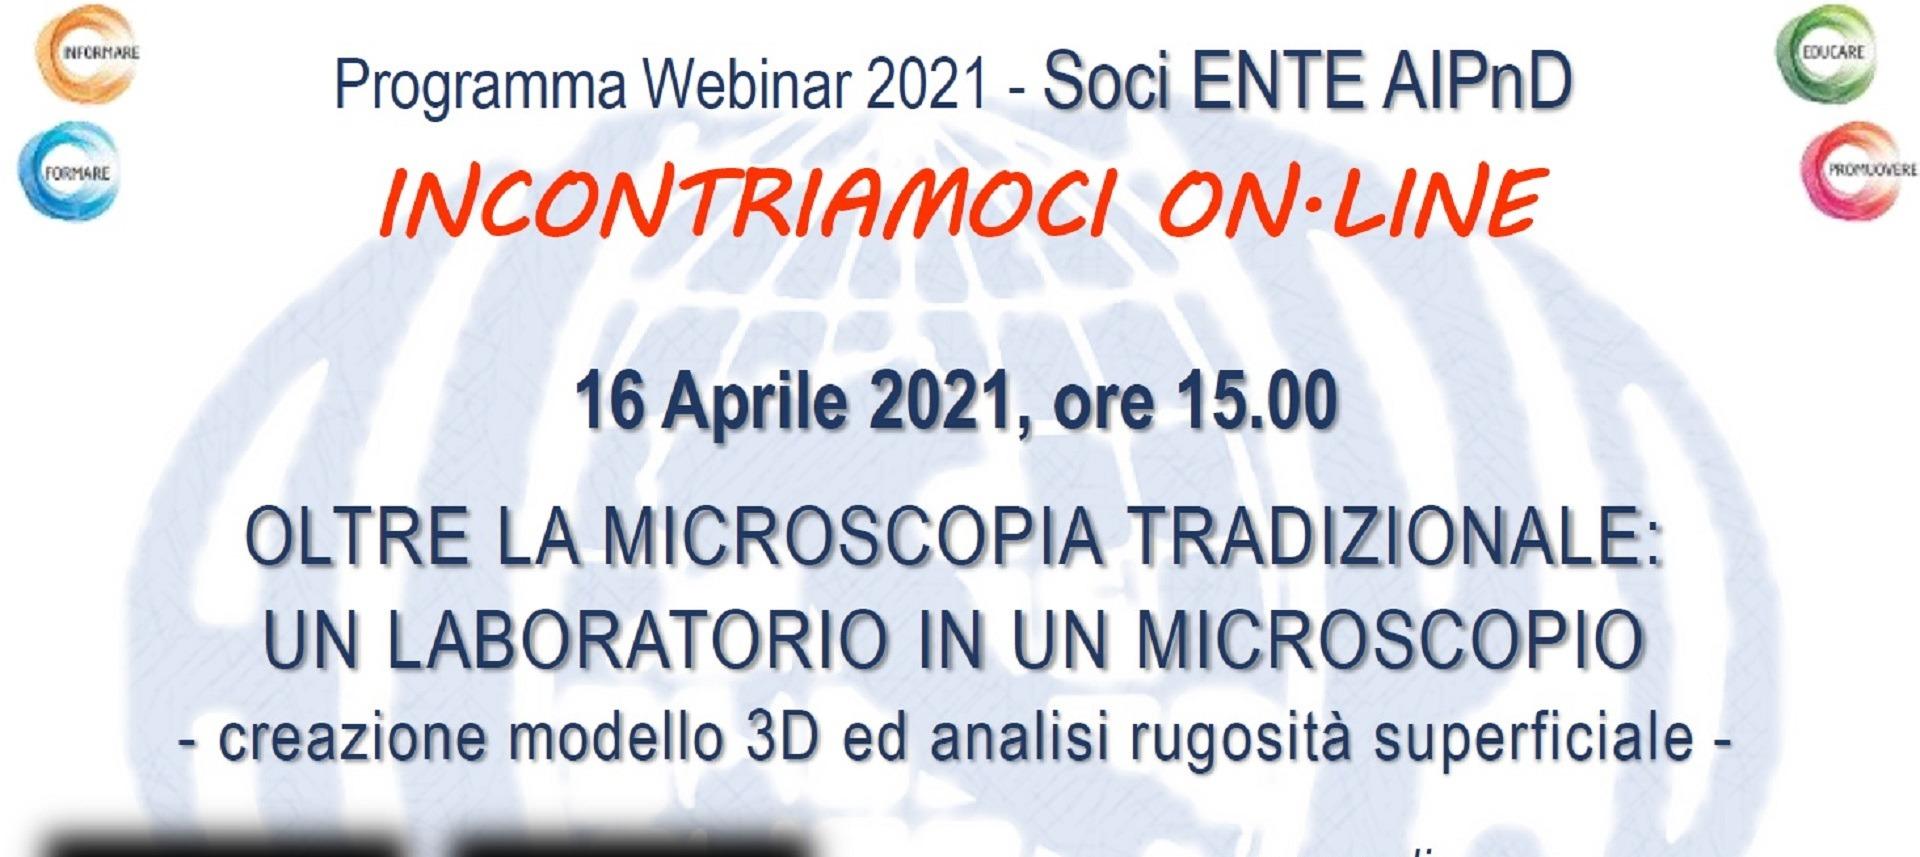 News Socio Confindustria Brescia - Oltre la Microscopia Tradizionale: un Laboratorio in un Microscopio (16.04.2021)